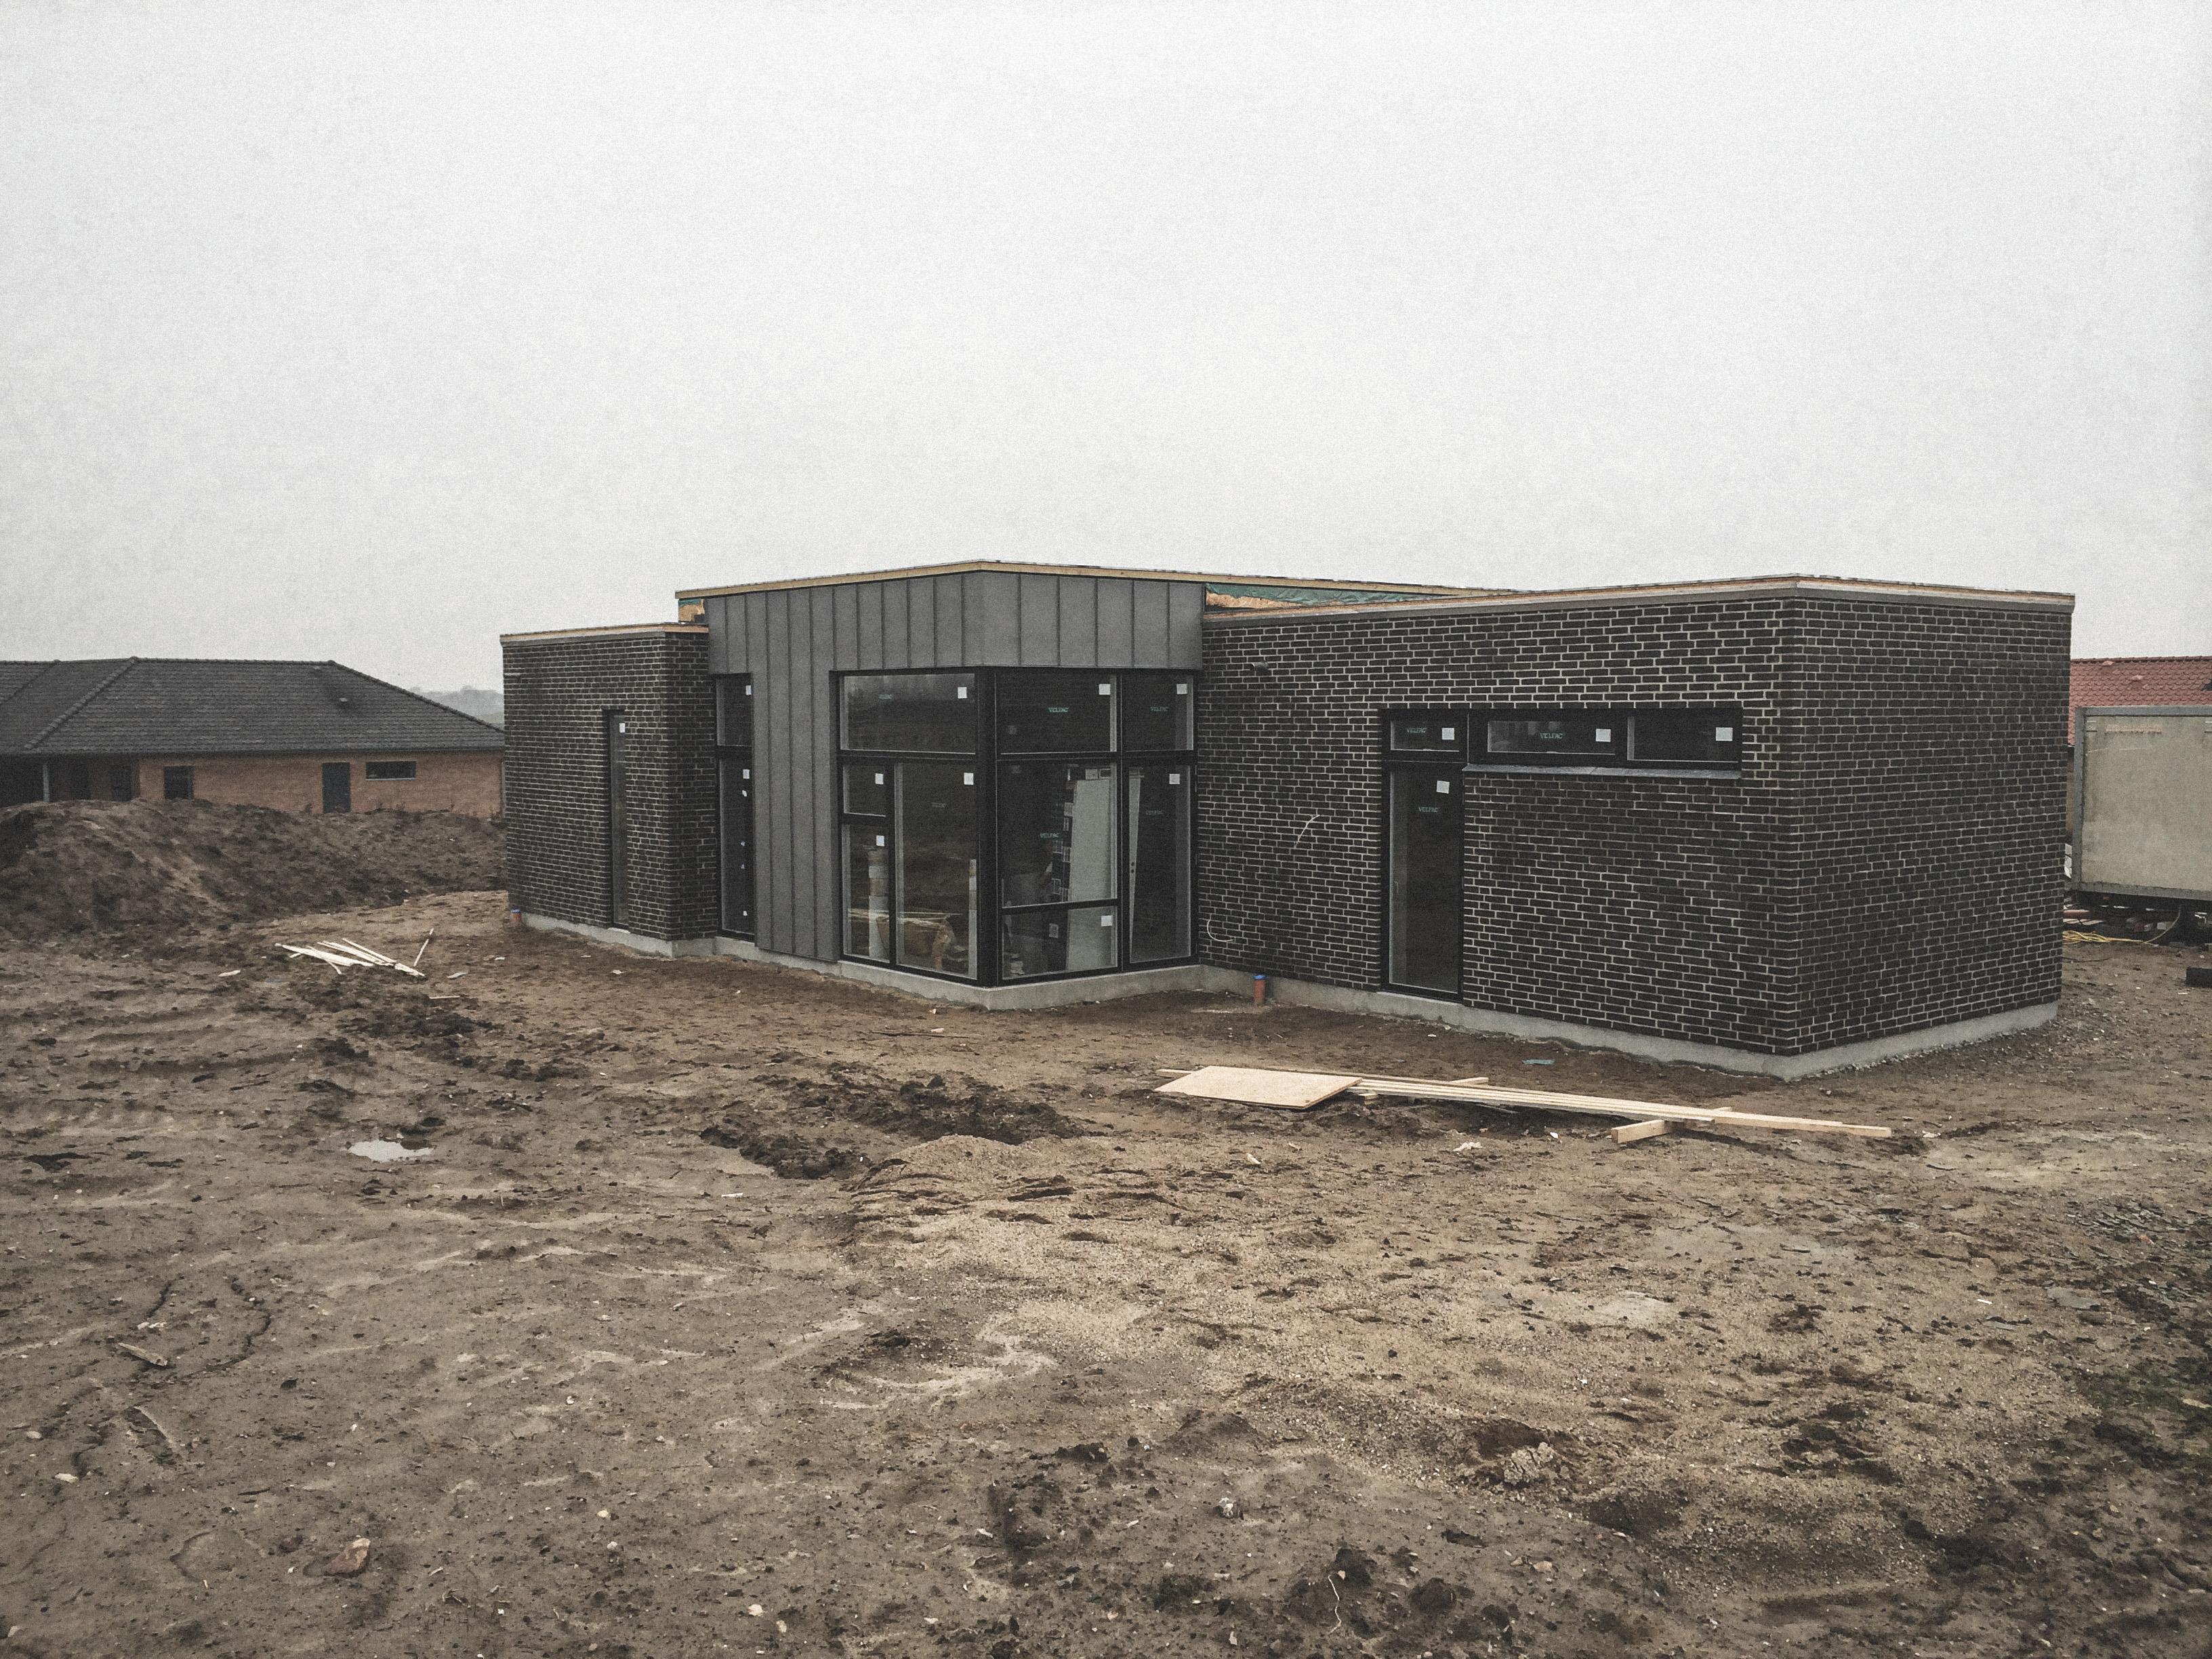 Billede af et igangværende byggeri i Horsens status, tegnet af arkitektfirmaet m2plus.